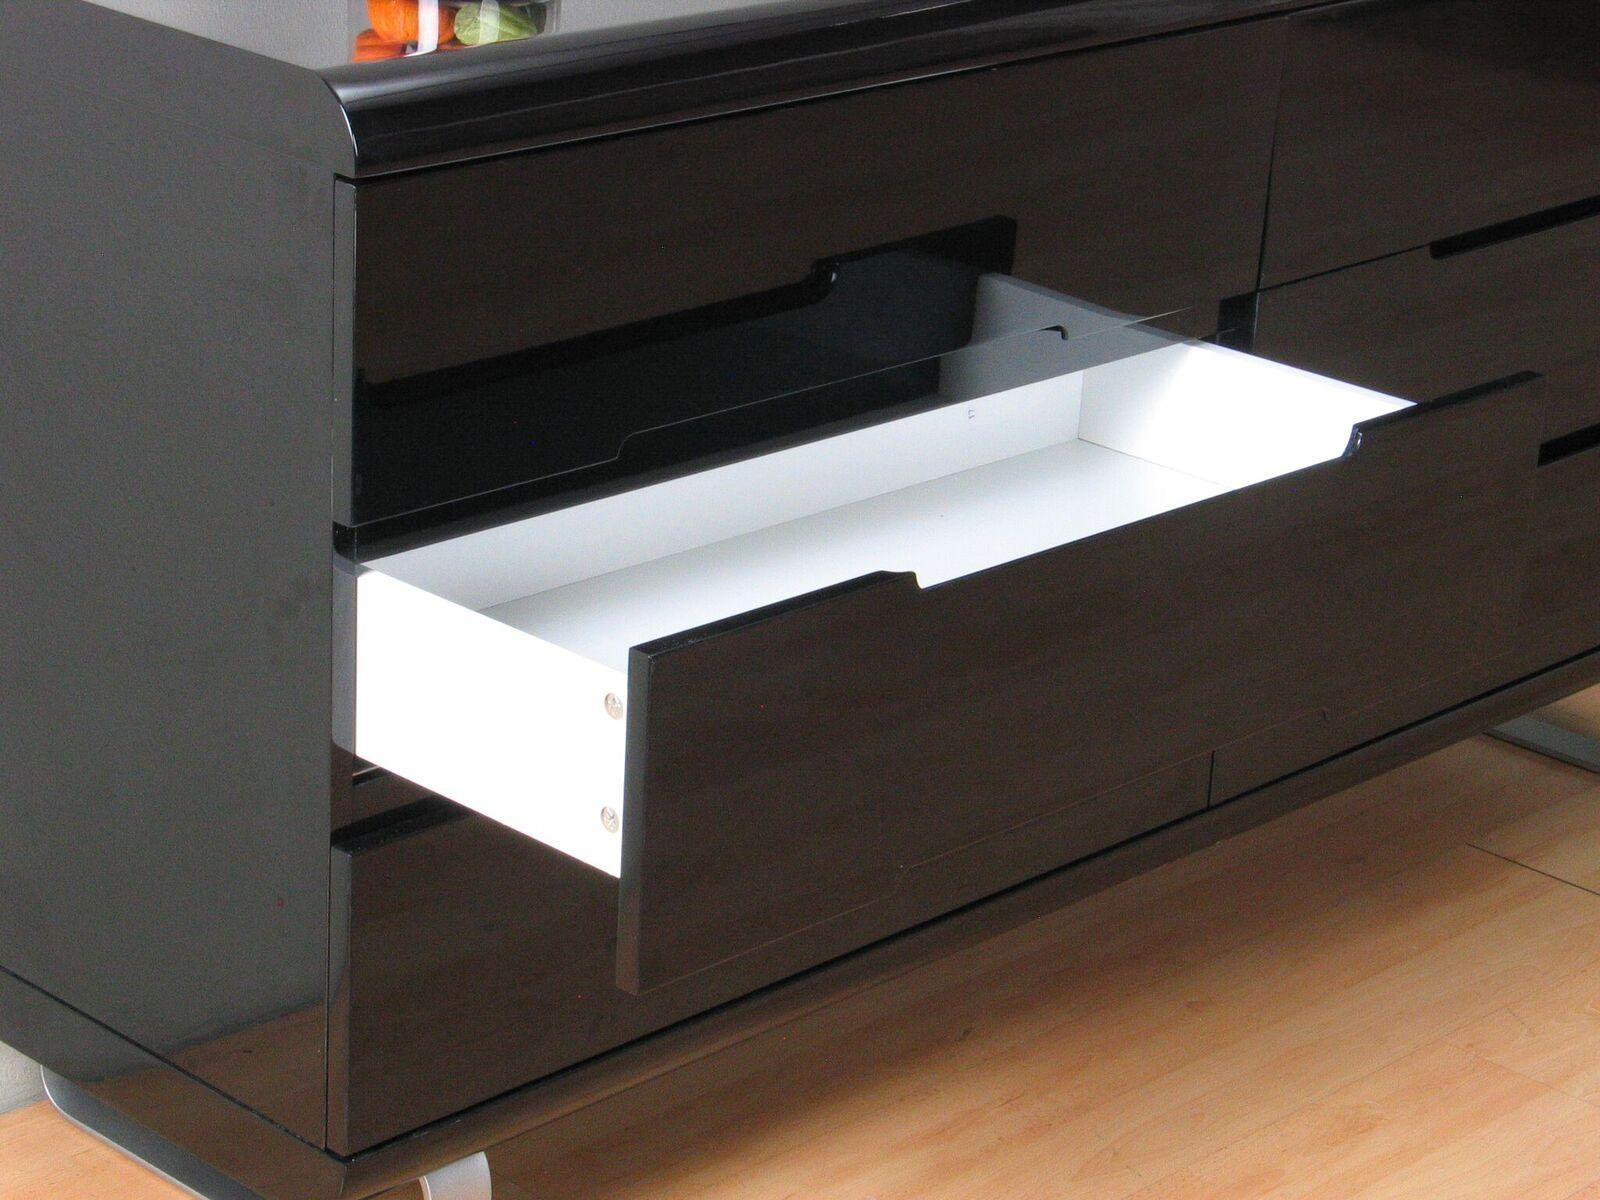 kommode spacy hochglanz schwarz sideboard schubladen schrank highboard m bel wohnen wohnzimmer. Black Bedroom Furniture Sets. Home Design Ideas